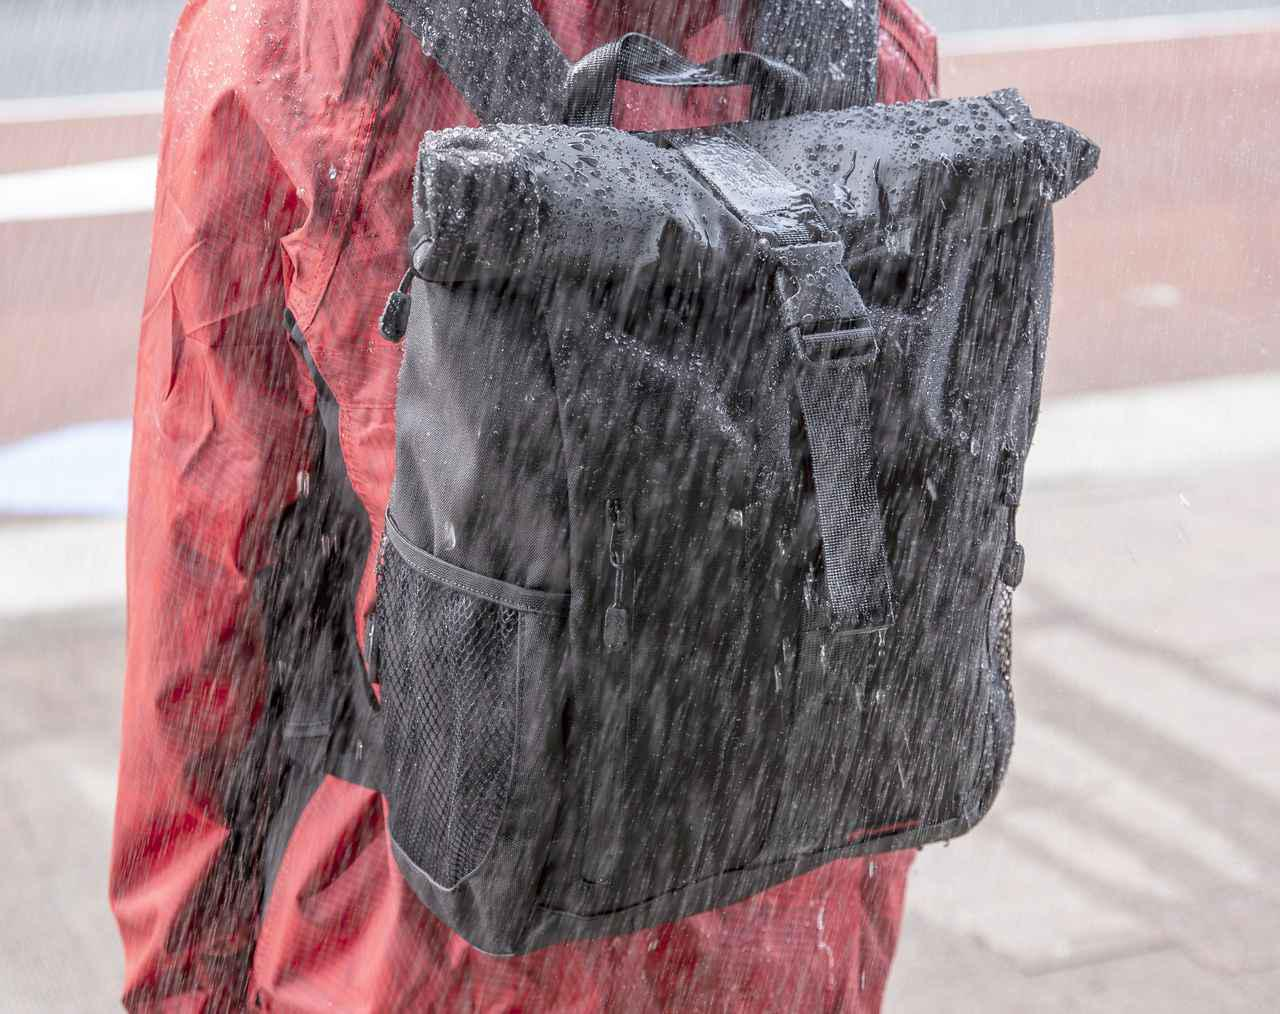 画像: ▲生地は二重構造を採用。生地の内側に防水処理が施されています。つまり生地の外側部分には水がしみ込みます。びしょびしょに濡れると乾かすのが少し大変。